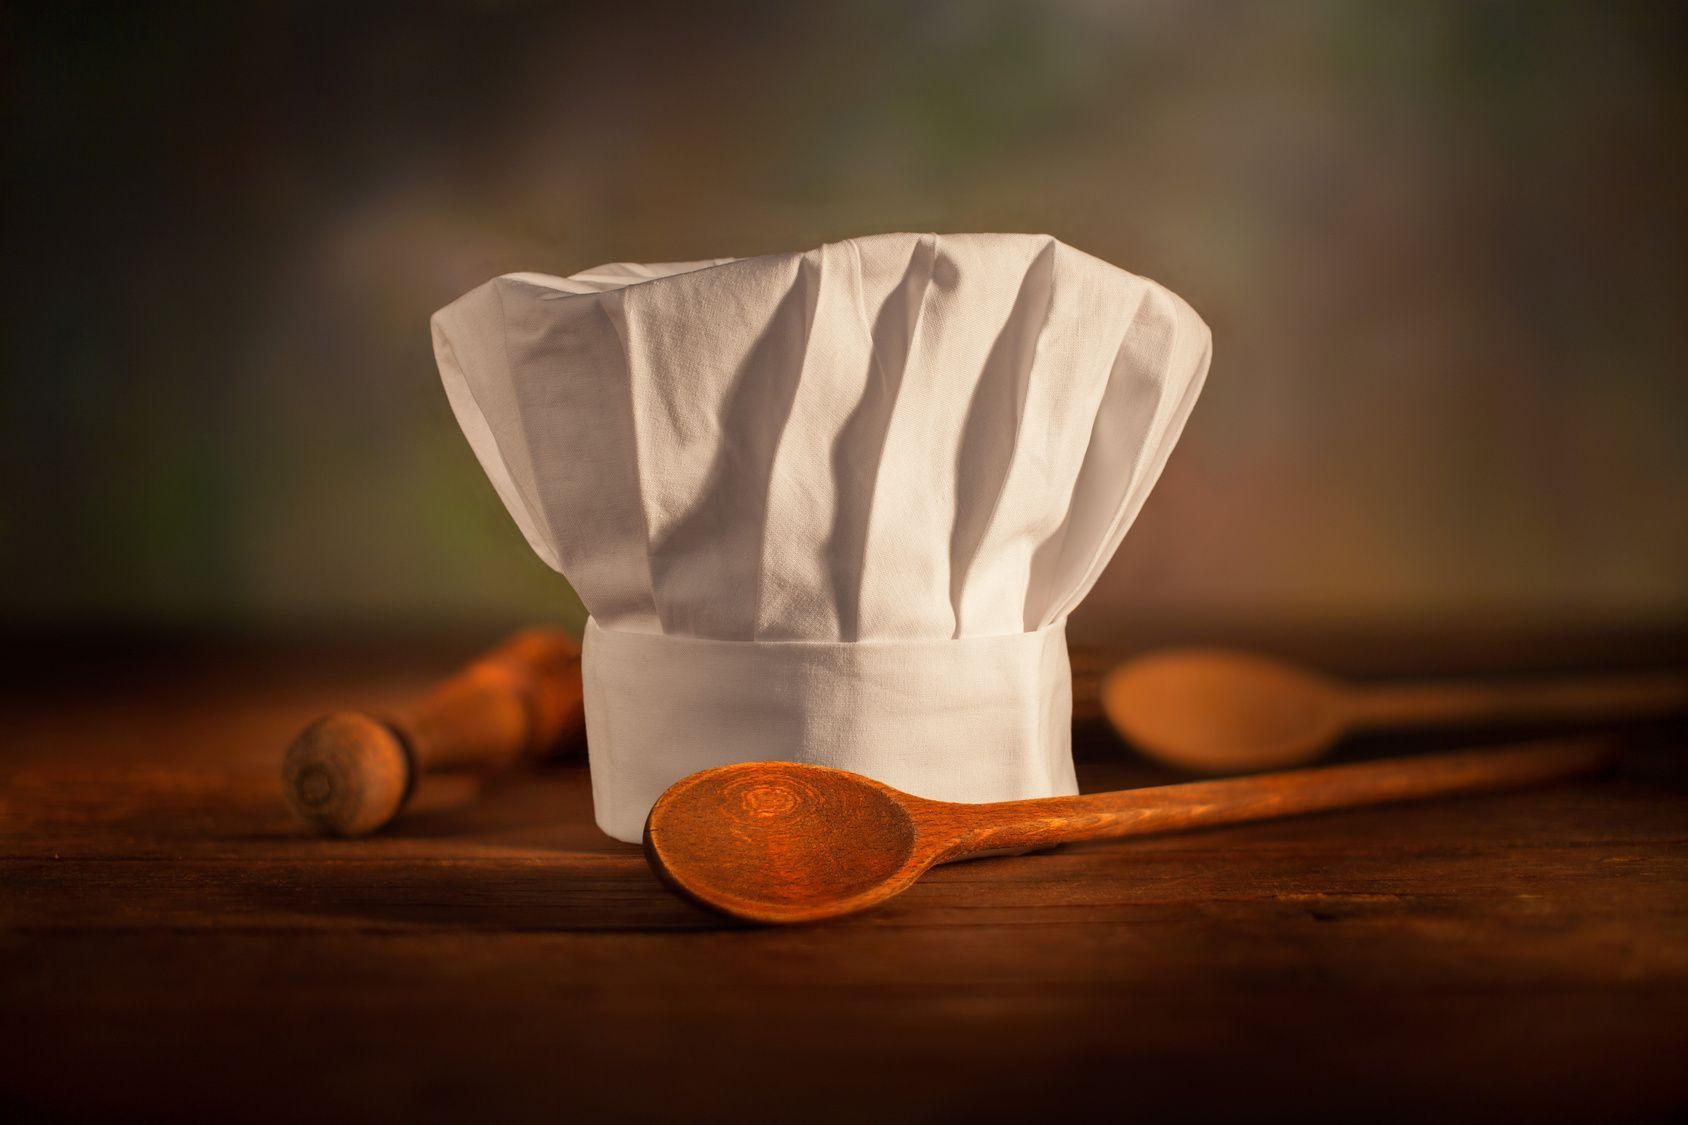 Ce soir une recette parfaite pour après les fêtes, une soupe détox verte. https://www.hervecuisine.com/recette/recette-soupe-detox-minceur/